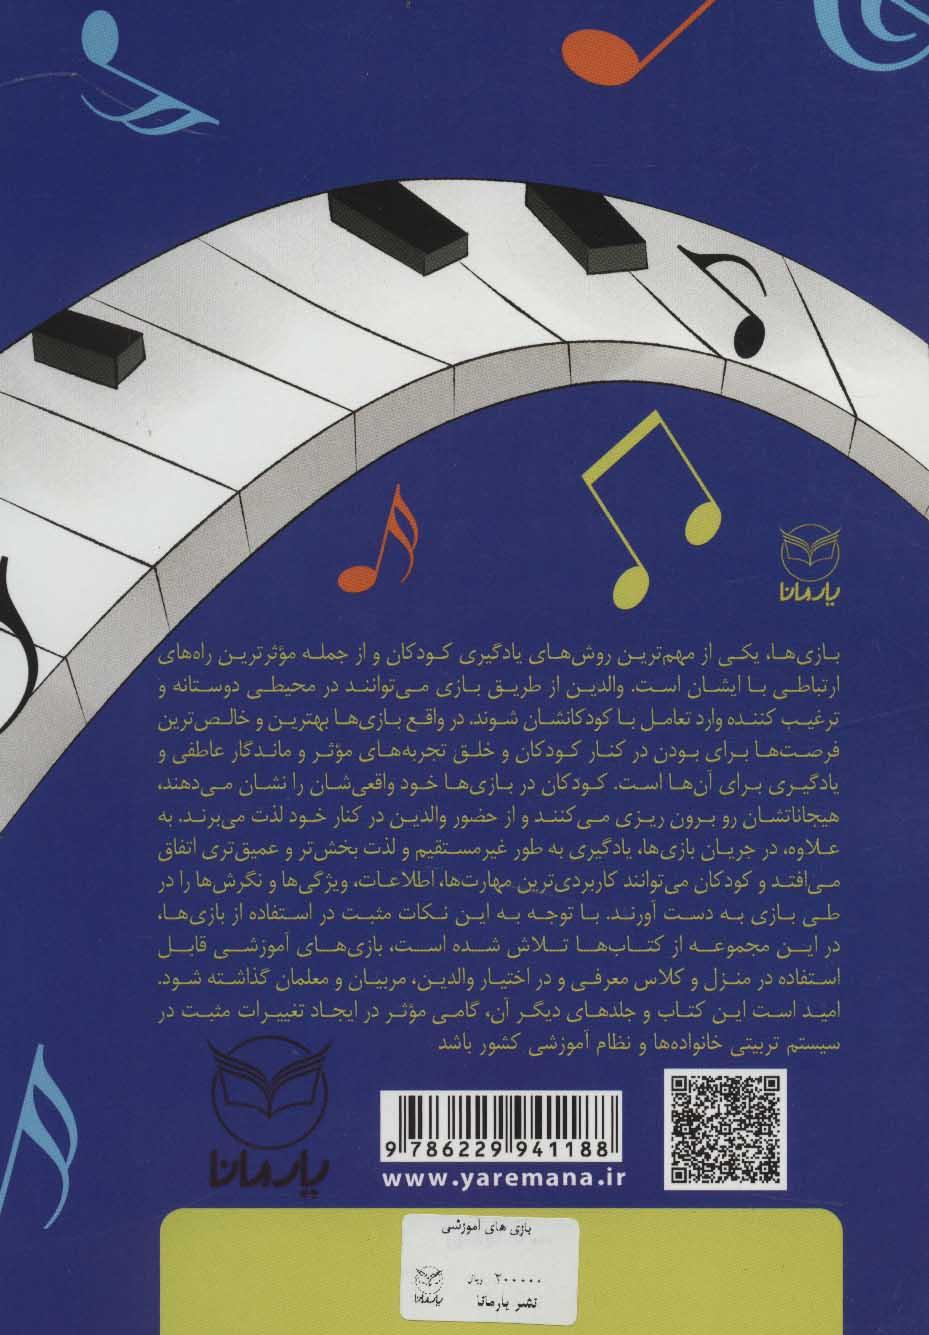 بازی های آموزشی برای پرورش هوش موسیقایی (ویژه 7تا12سال)